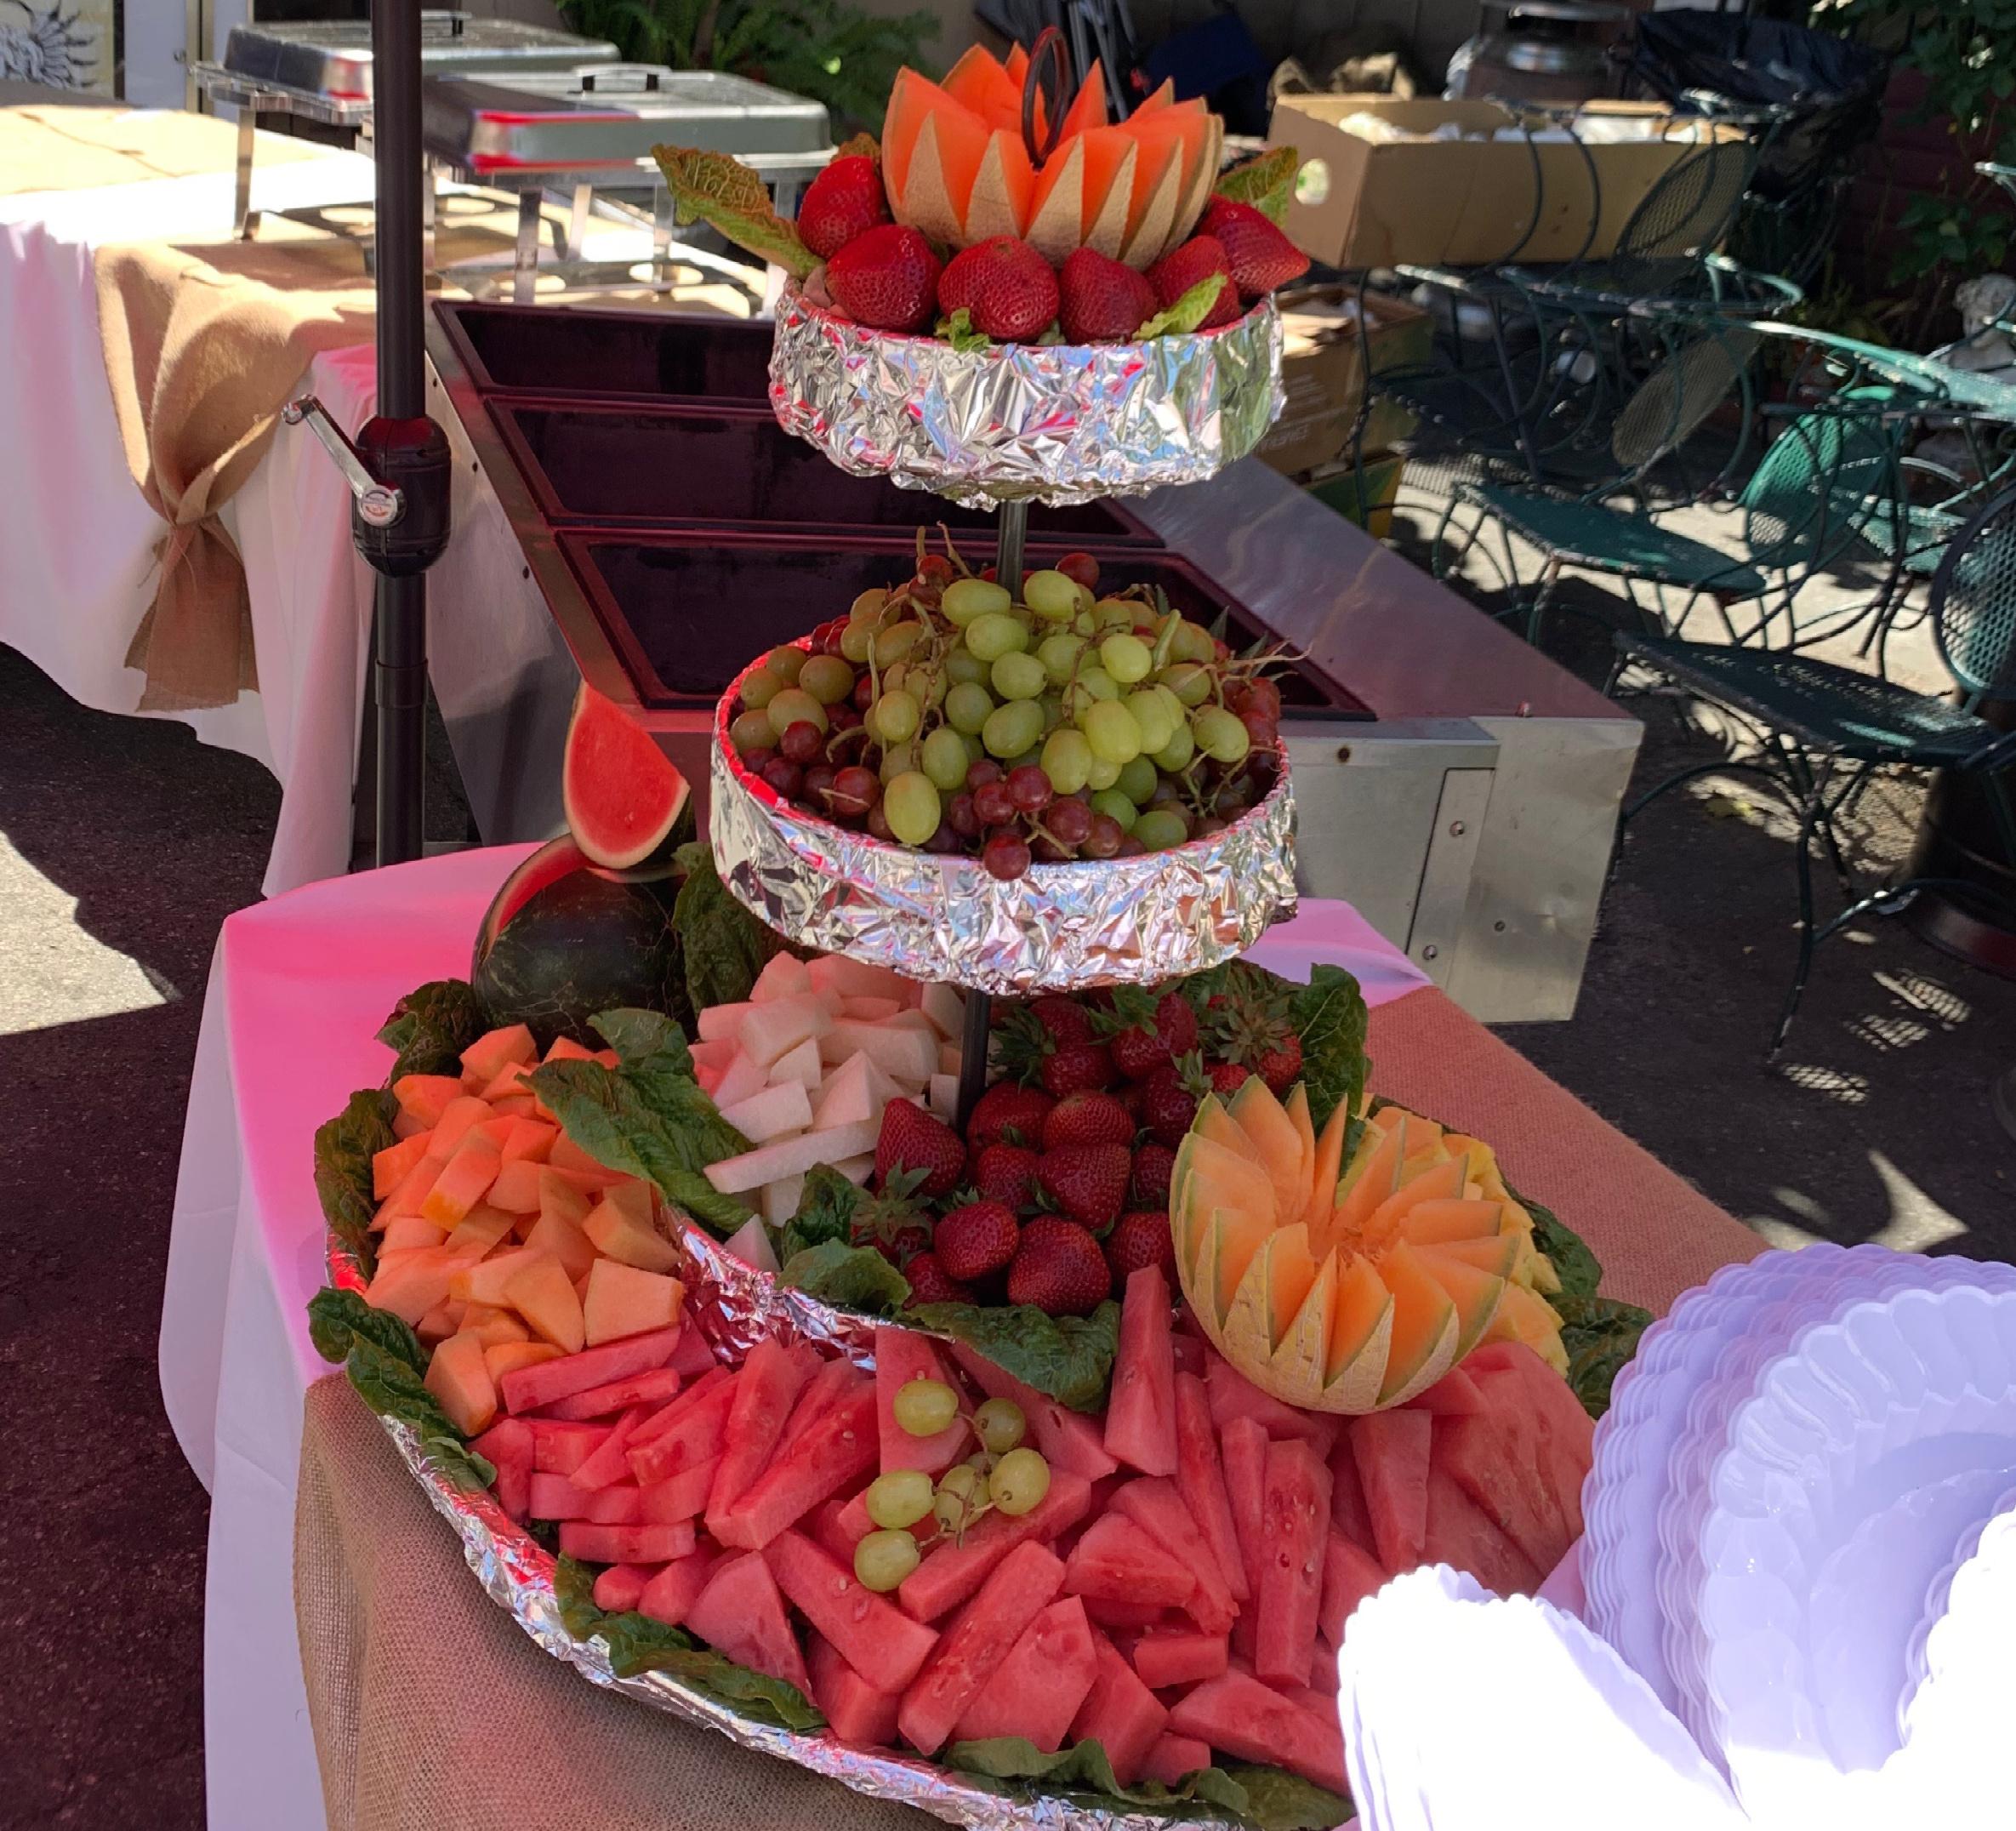 https://0201.nccdn.net/1_2/000/000/184/a32/Fruta-evento-2370x2152.jpg